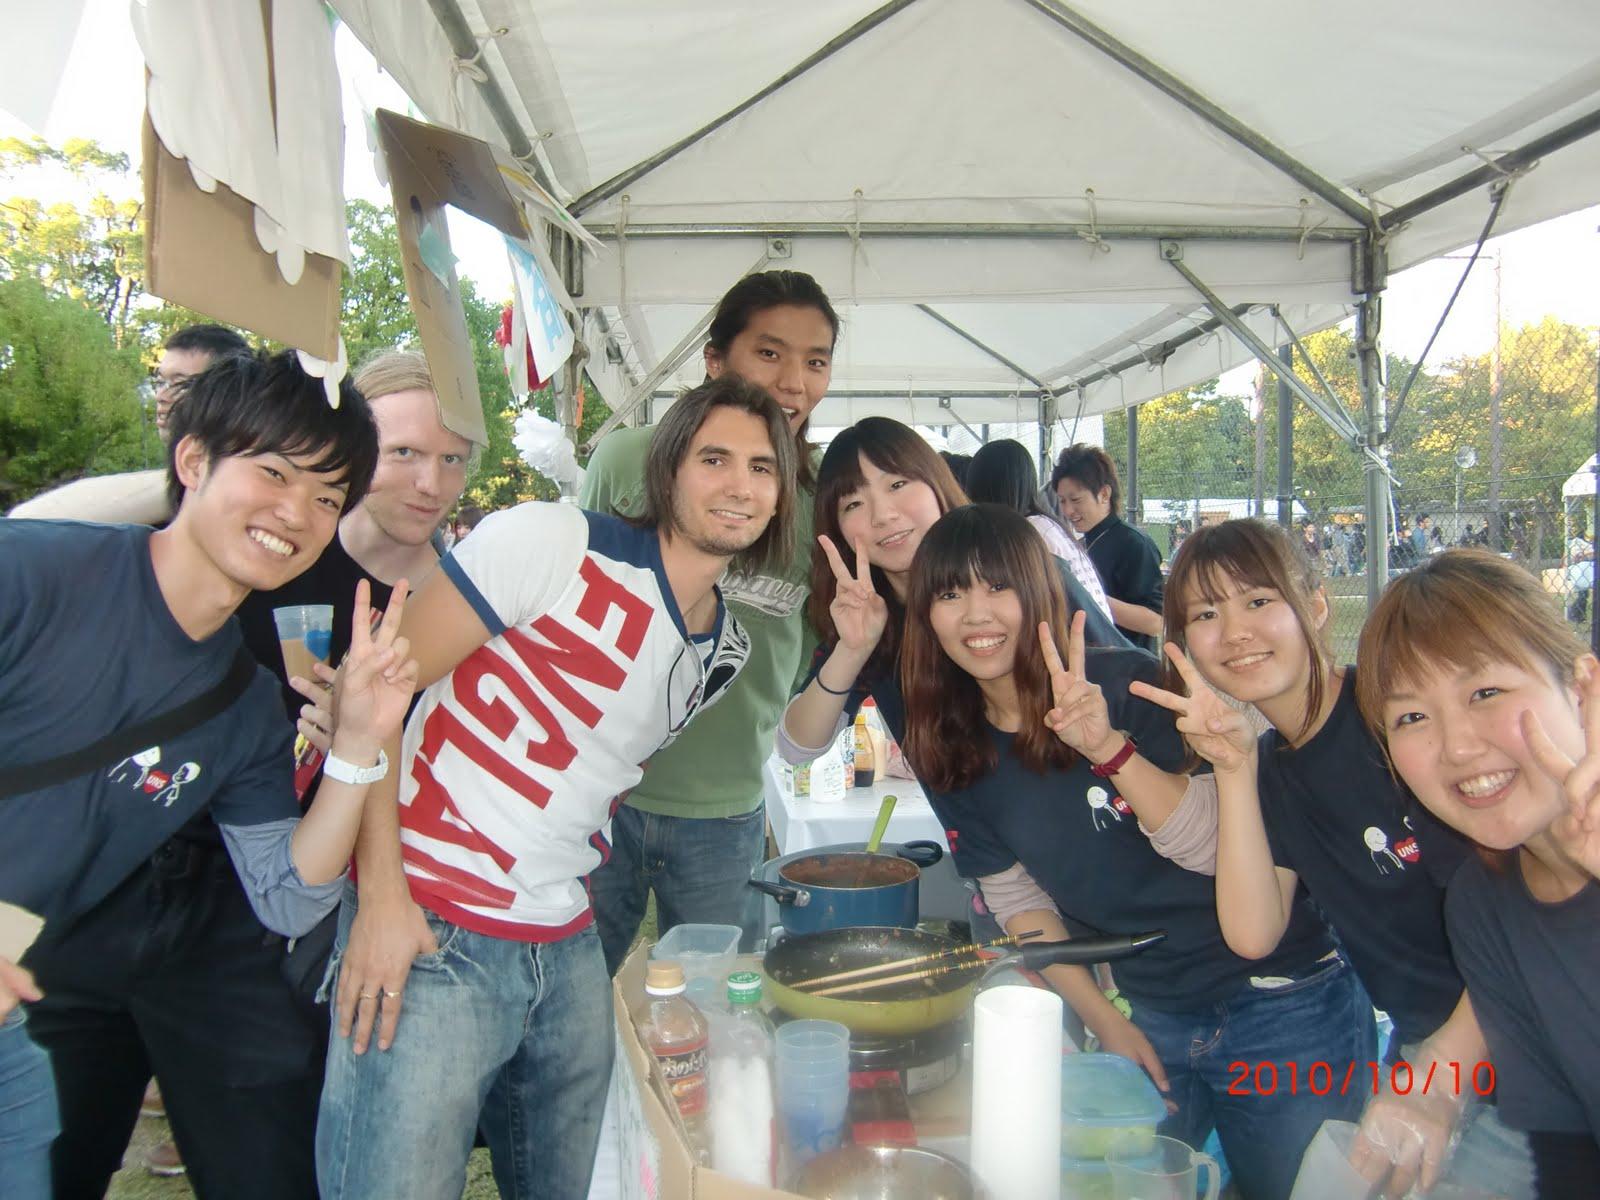 Festival de estudiantes en Kioto